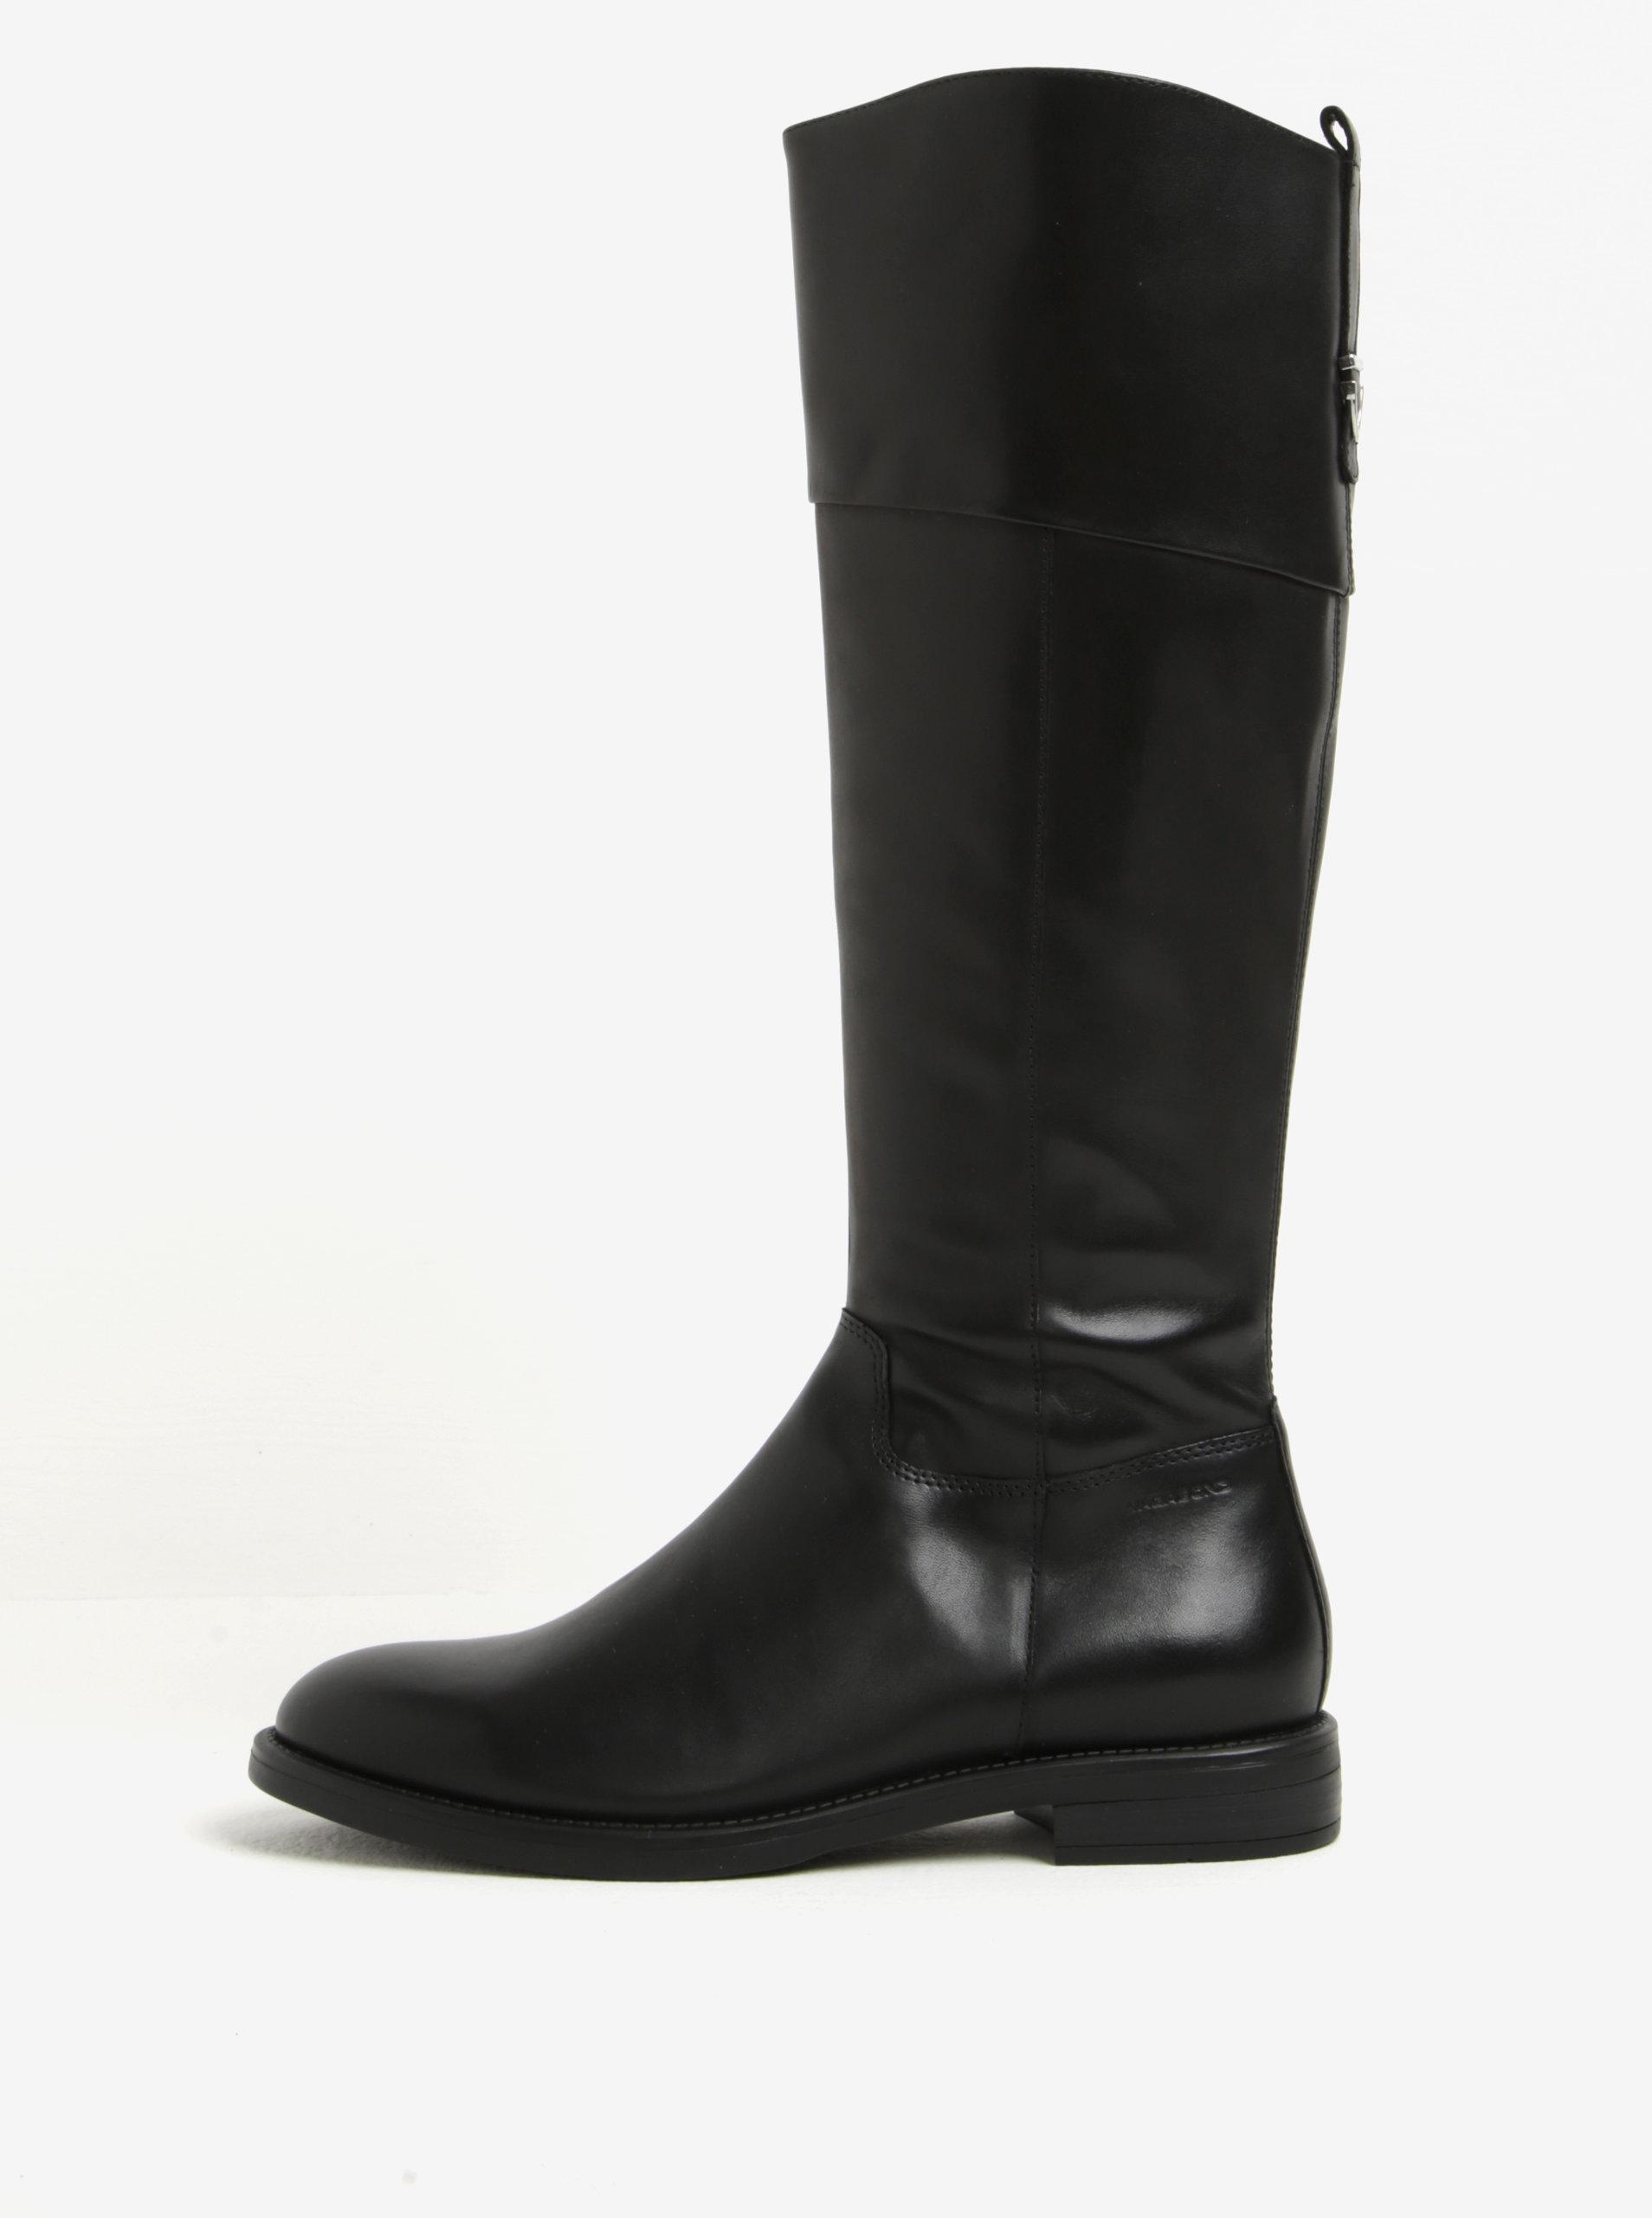 Čierne dámske vysoké kožené čižmy Vagabond Amina ... a306915457c